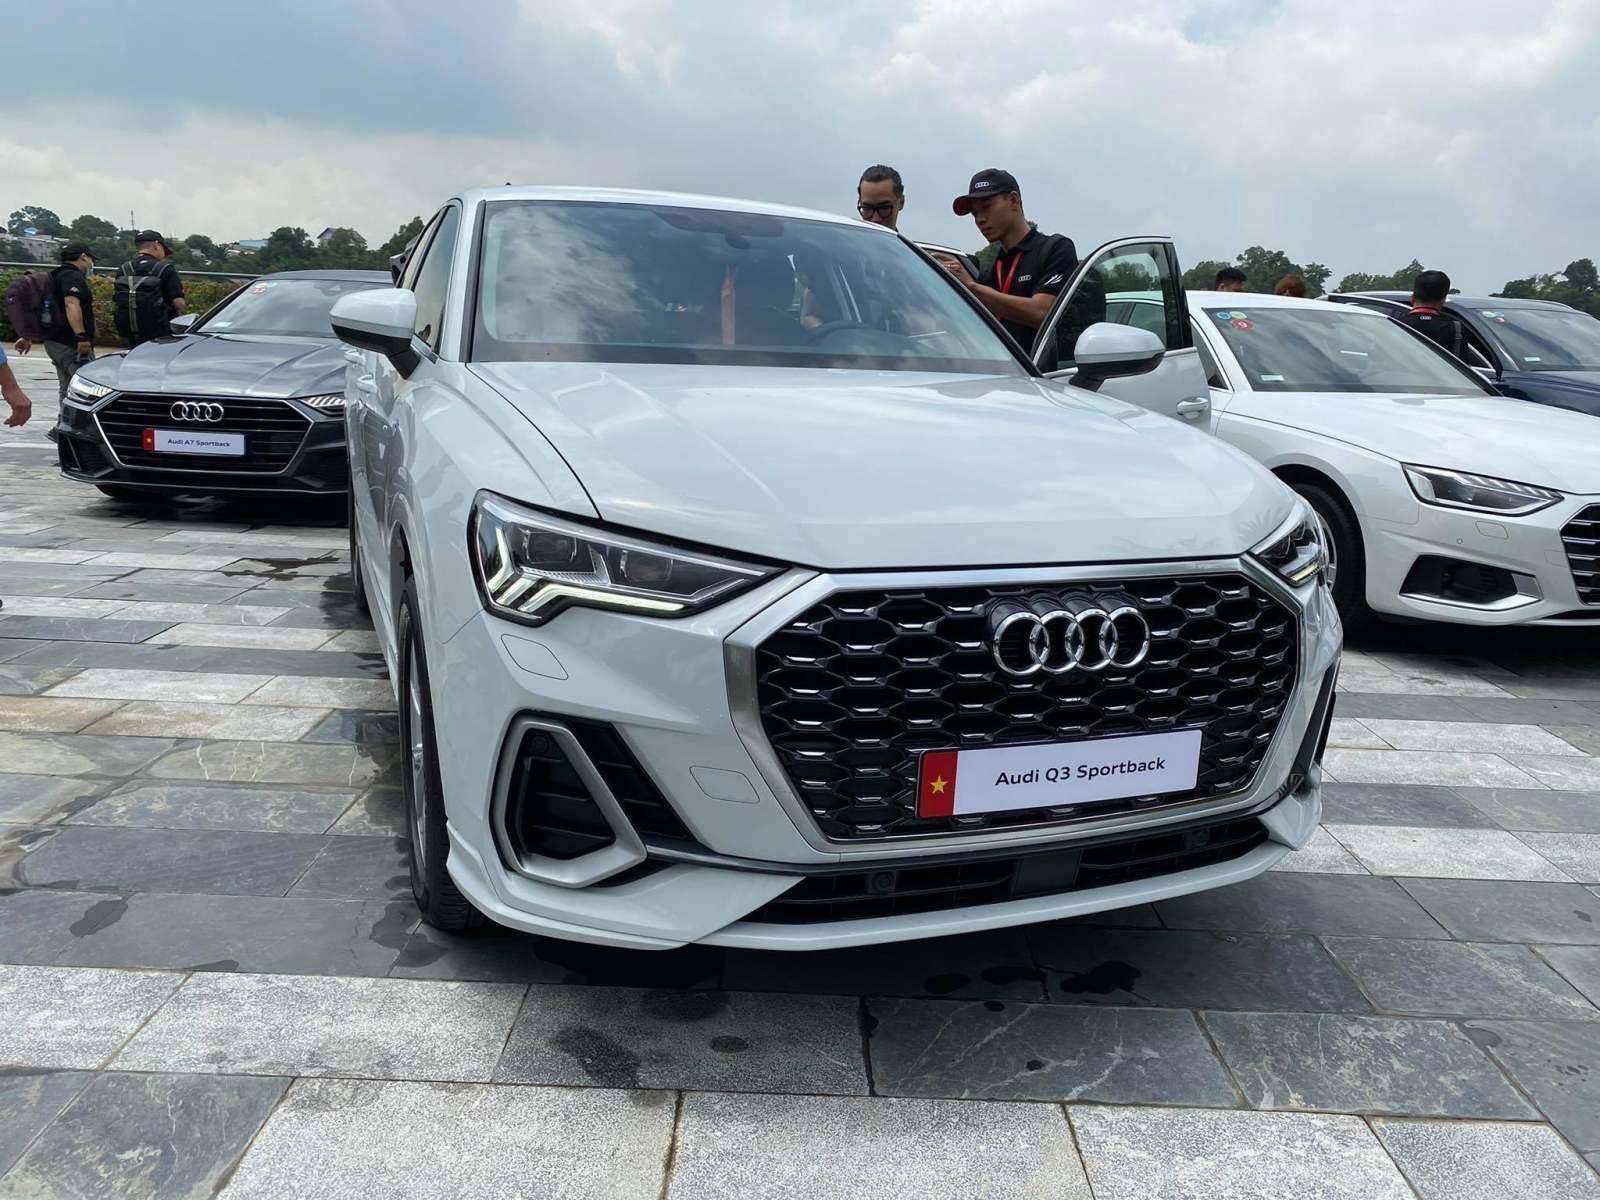 Đánh giá xe Audi Q3 2022 - Mẫu SUV lai Coupe đầu tiên của Audi có mặt tại Việt Nam